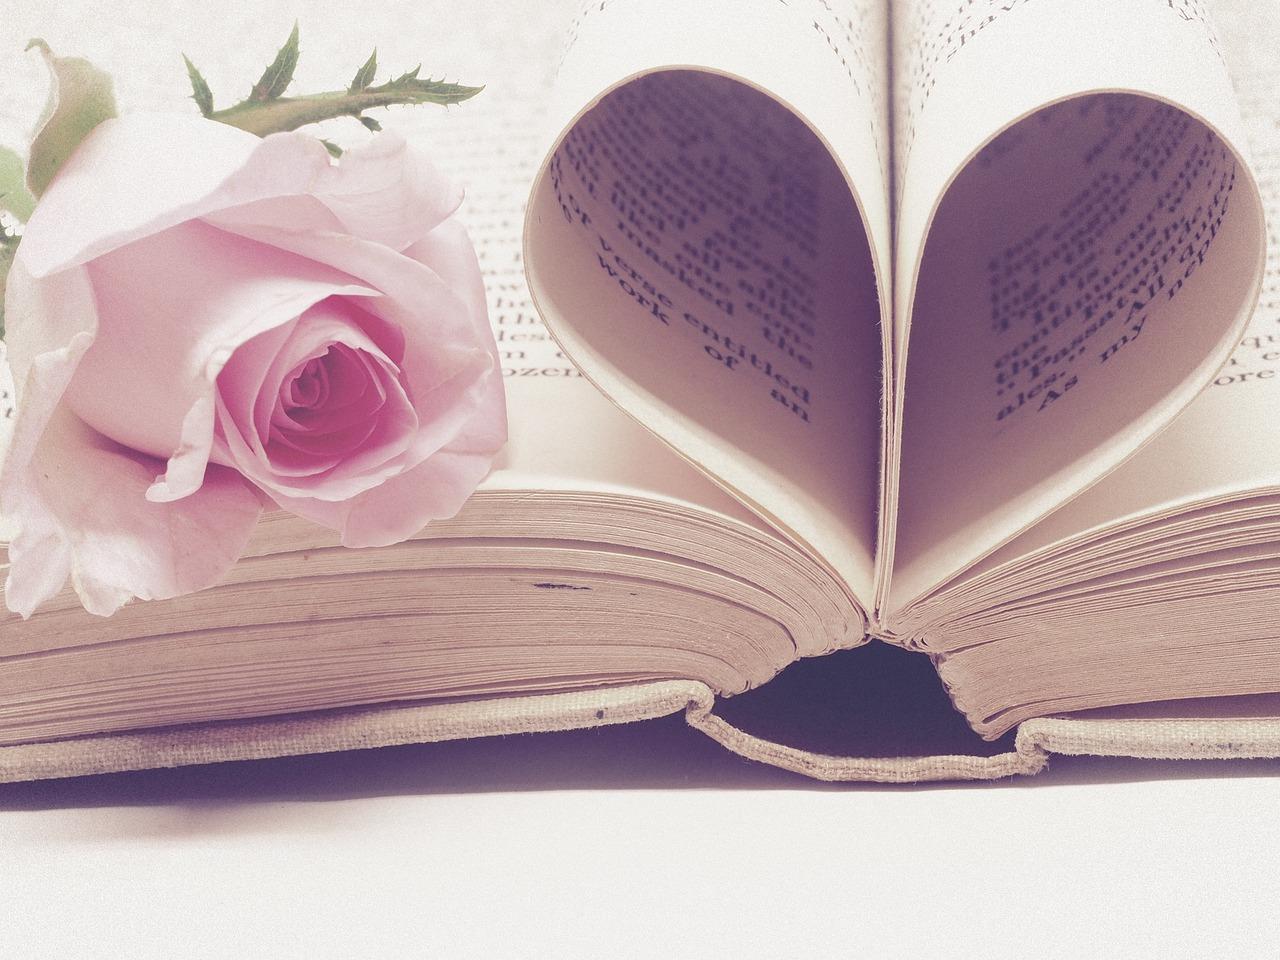 листы книги сложены в иде сердца